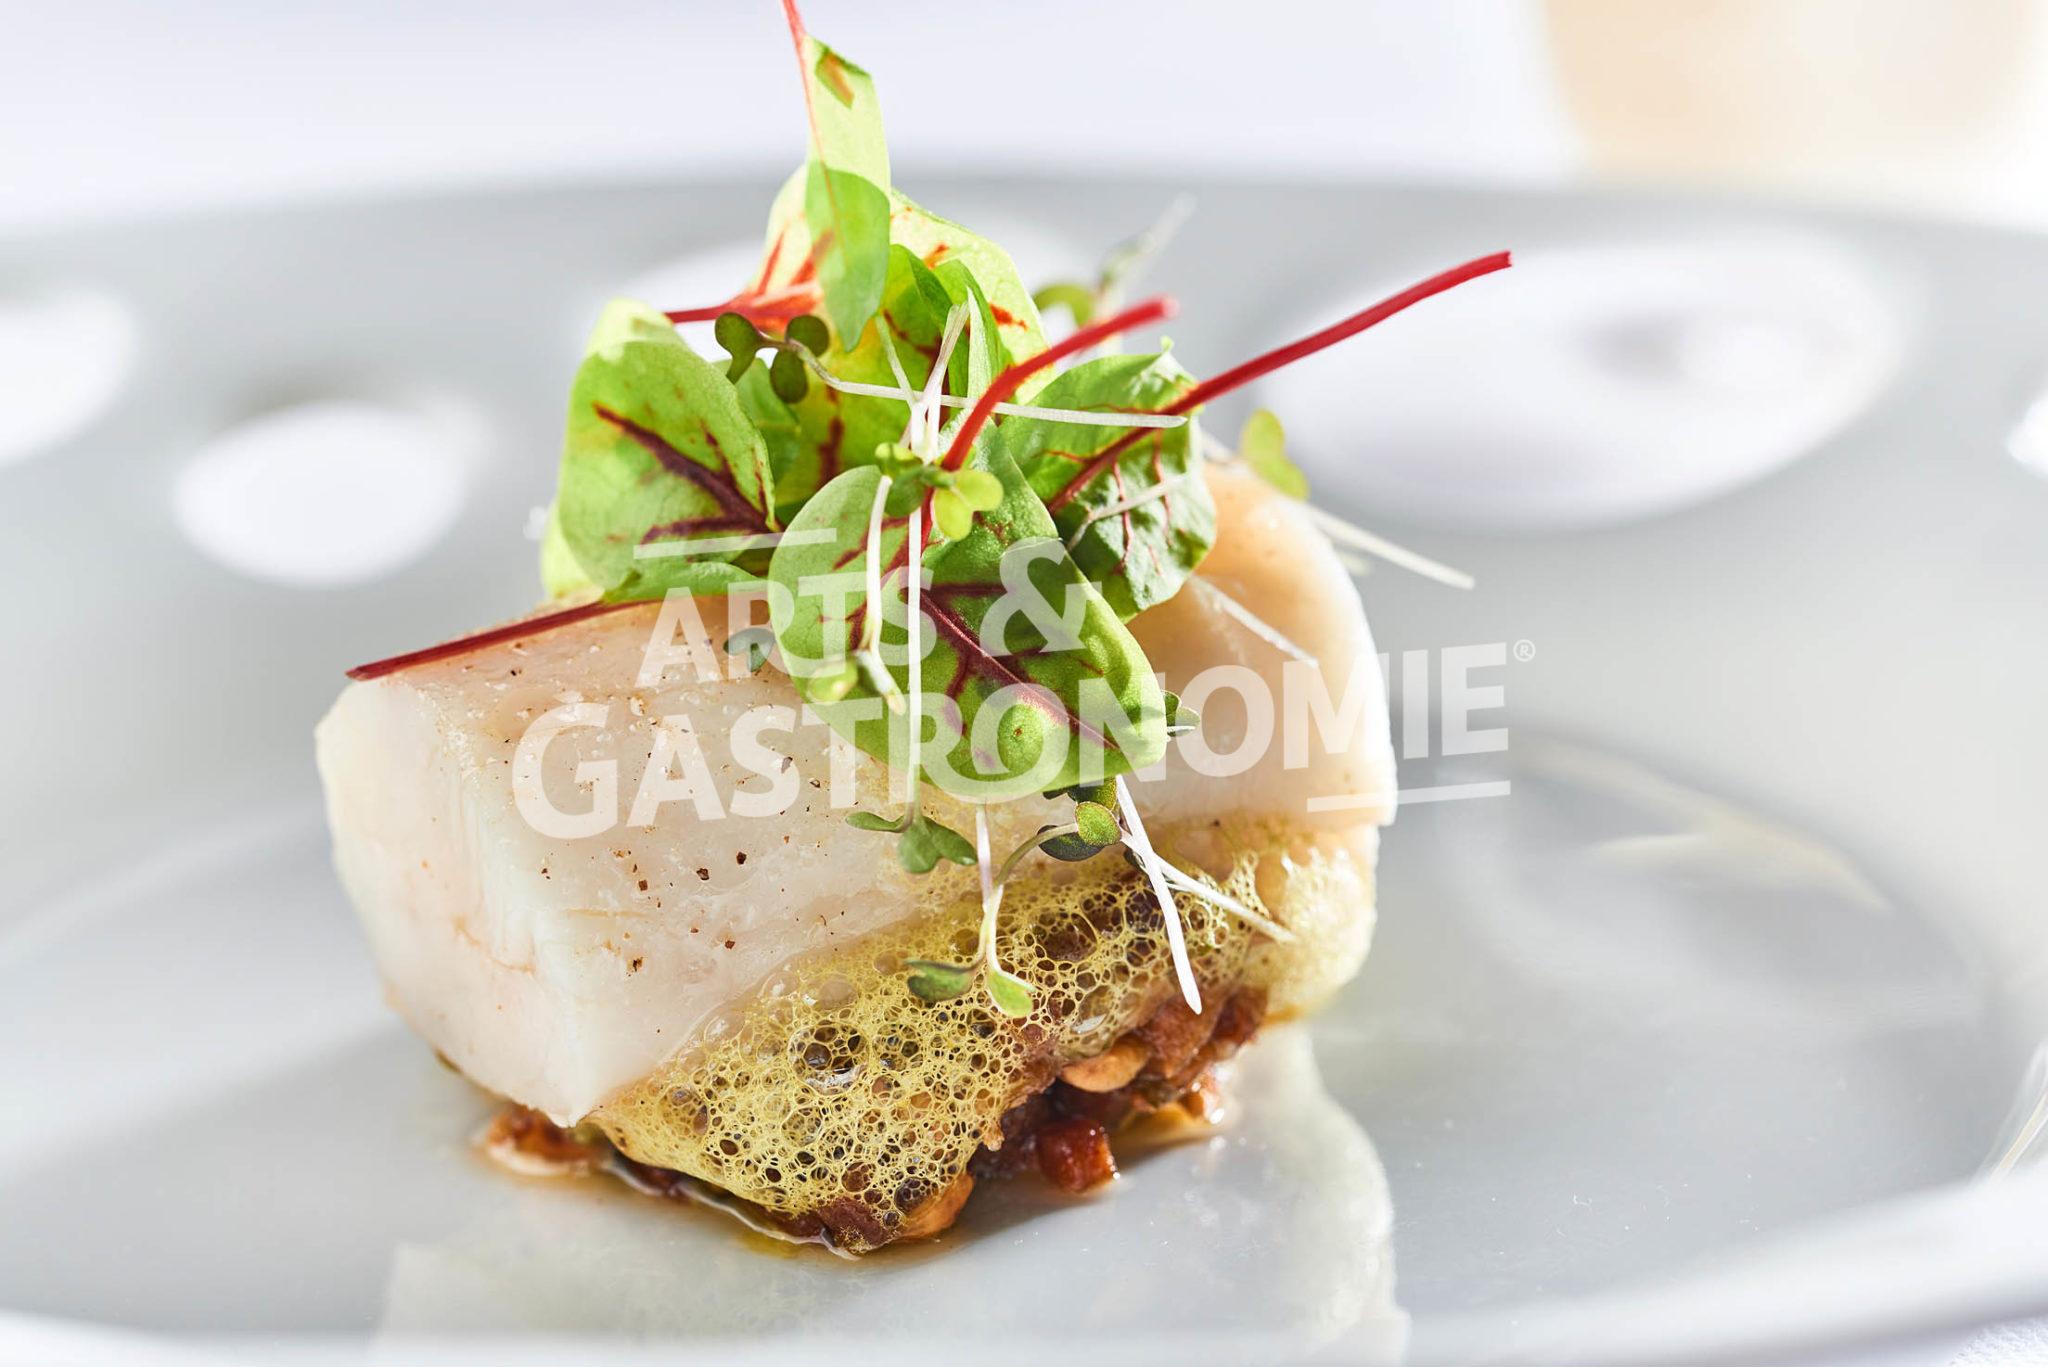 Brochet barbecue laurent petit arts gastronomie - Recette plat gastronomique ...